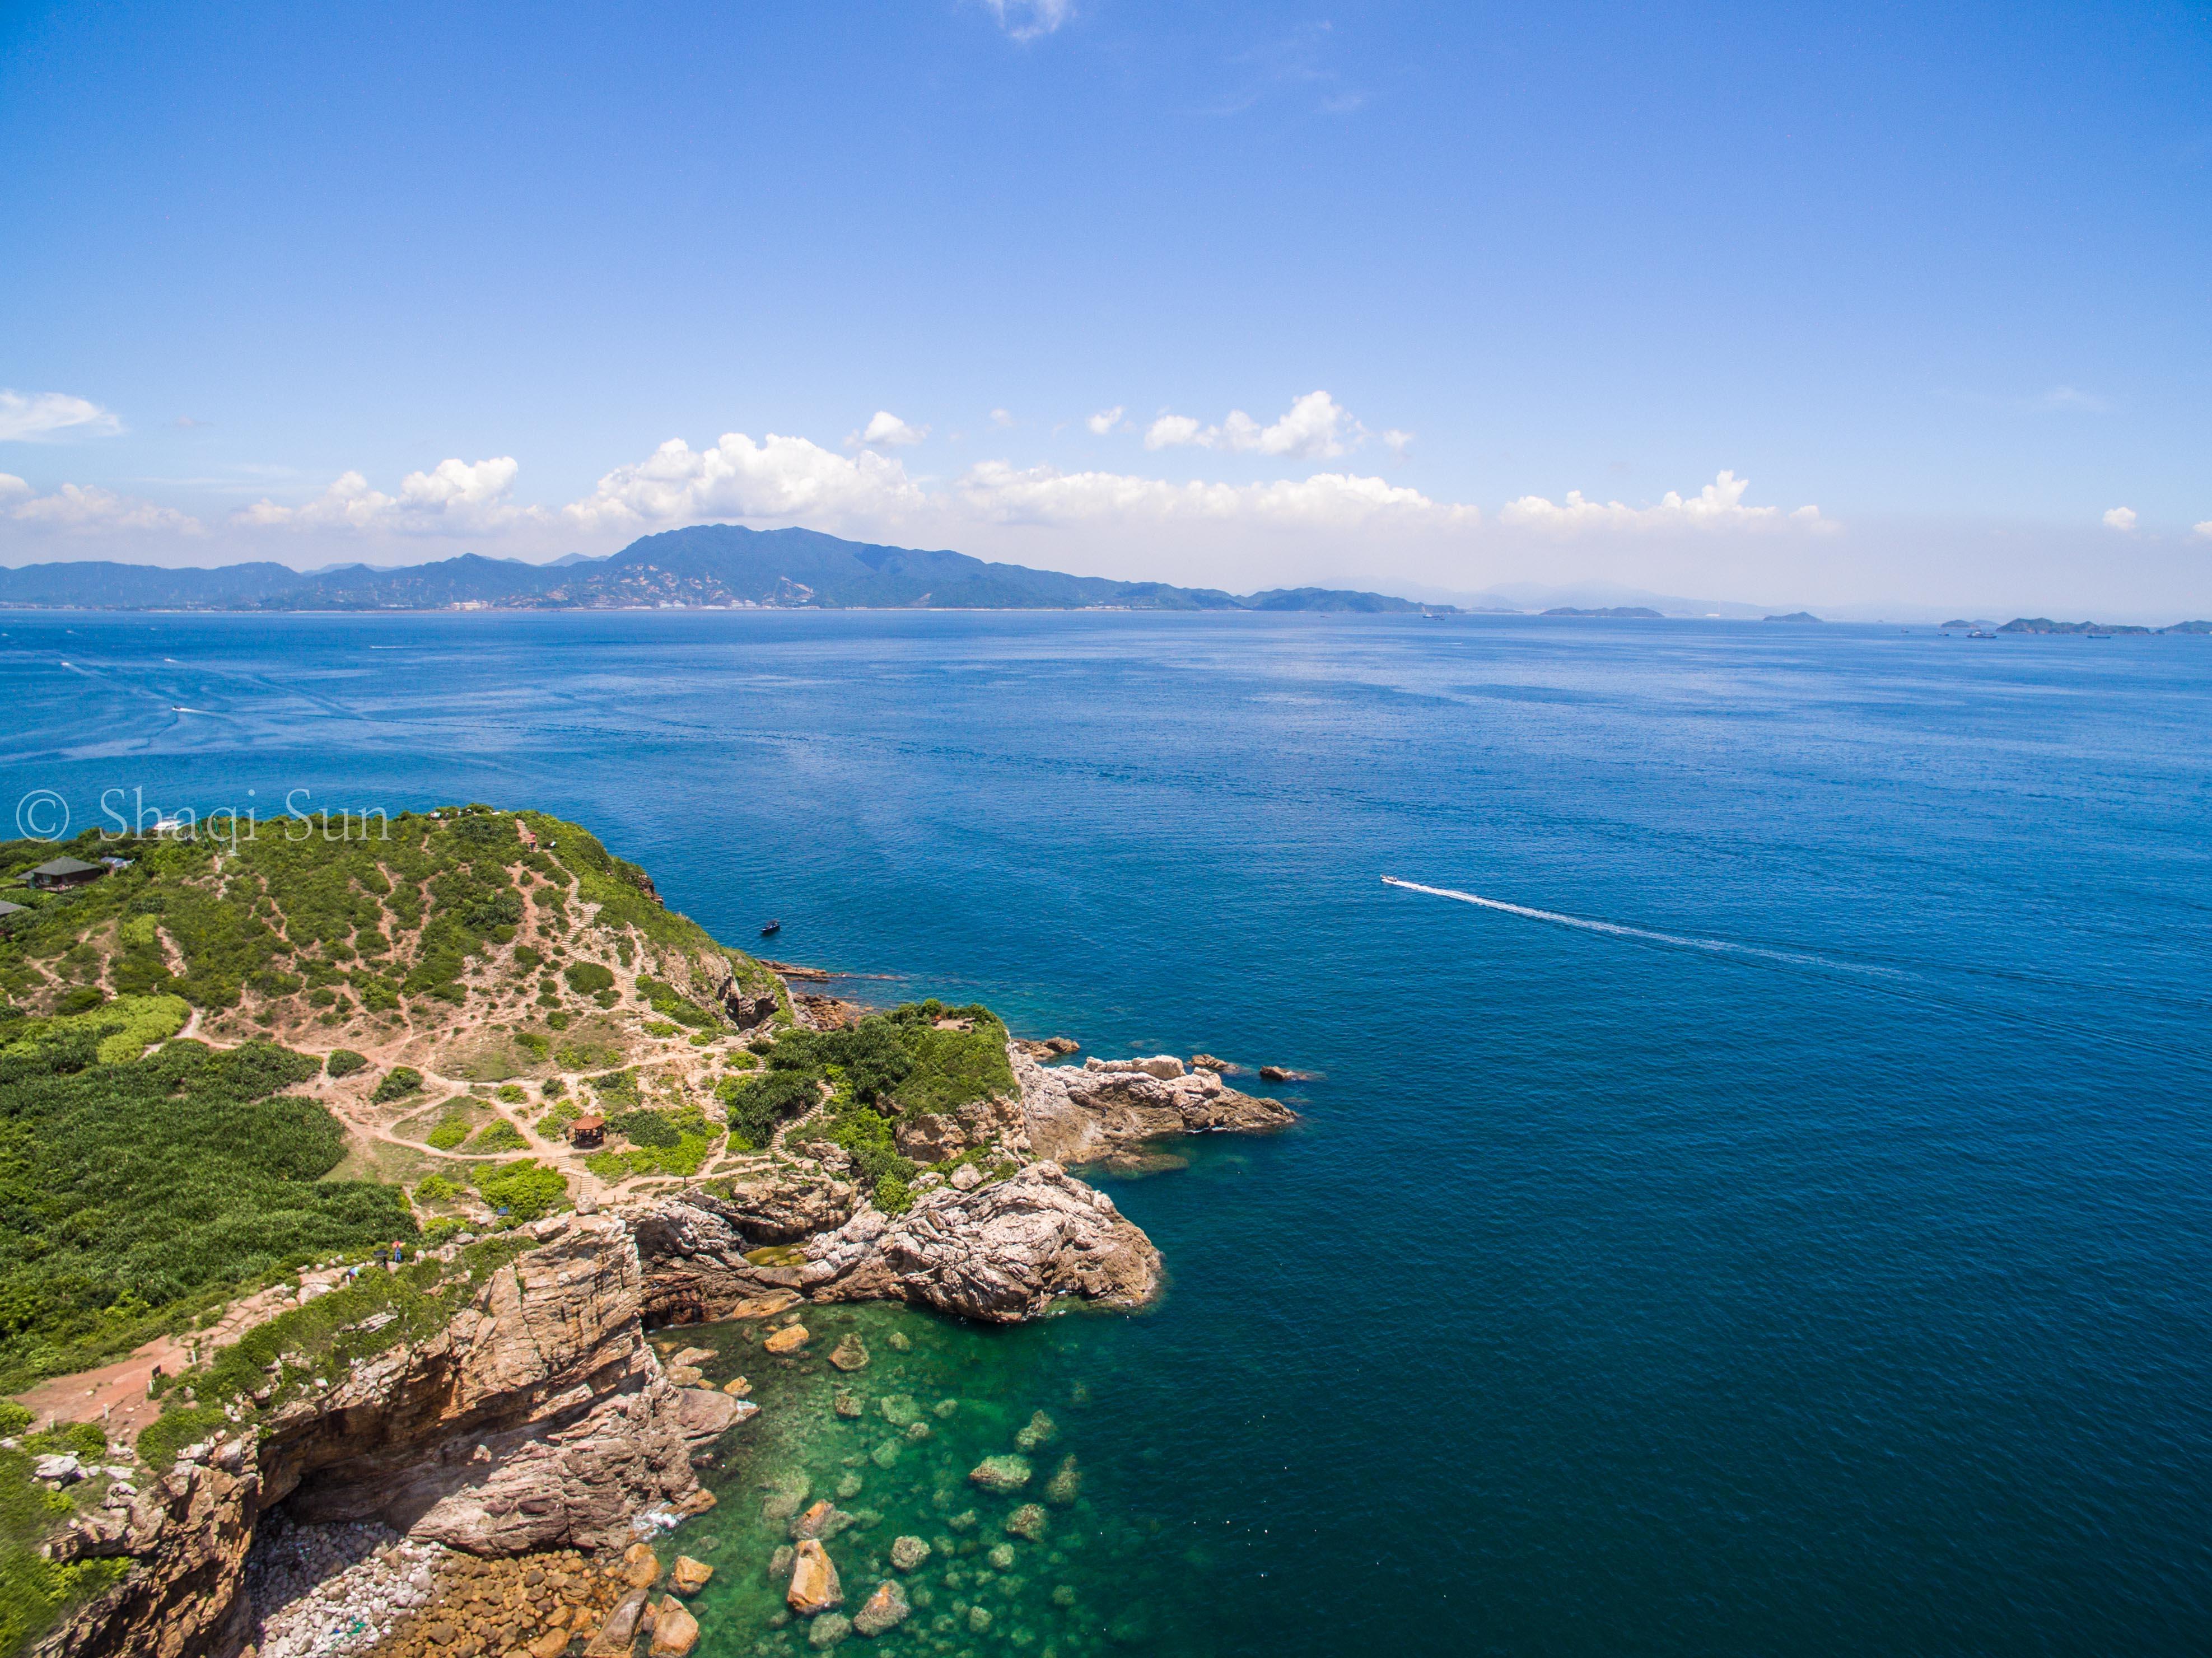 媲美苏梅岛的海岸线,居然在深圳!